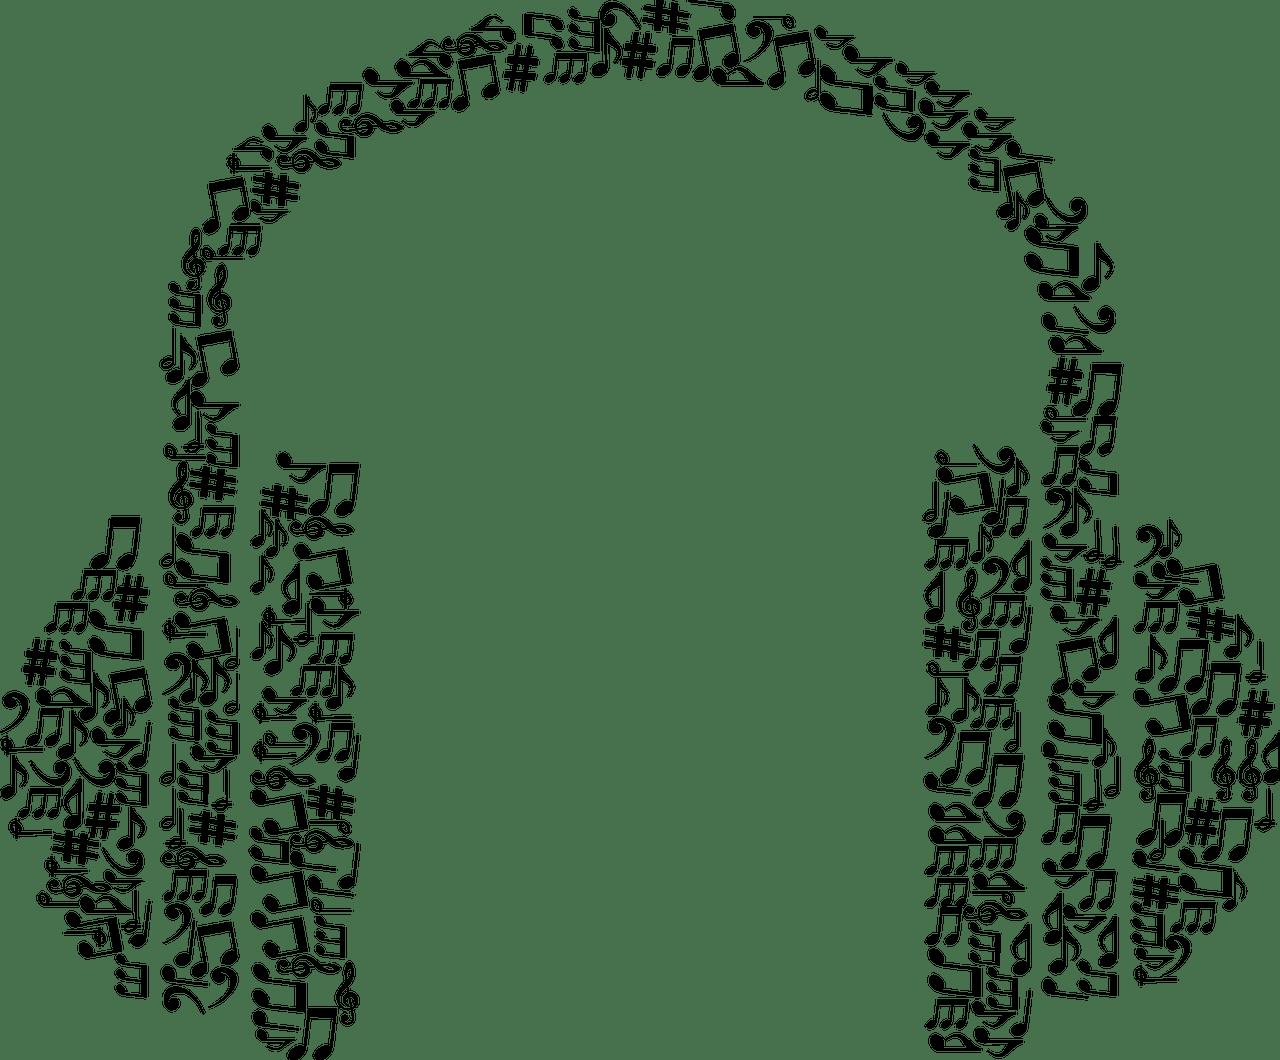 行動に影響を与える音楽